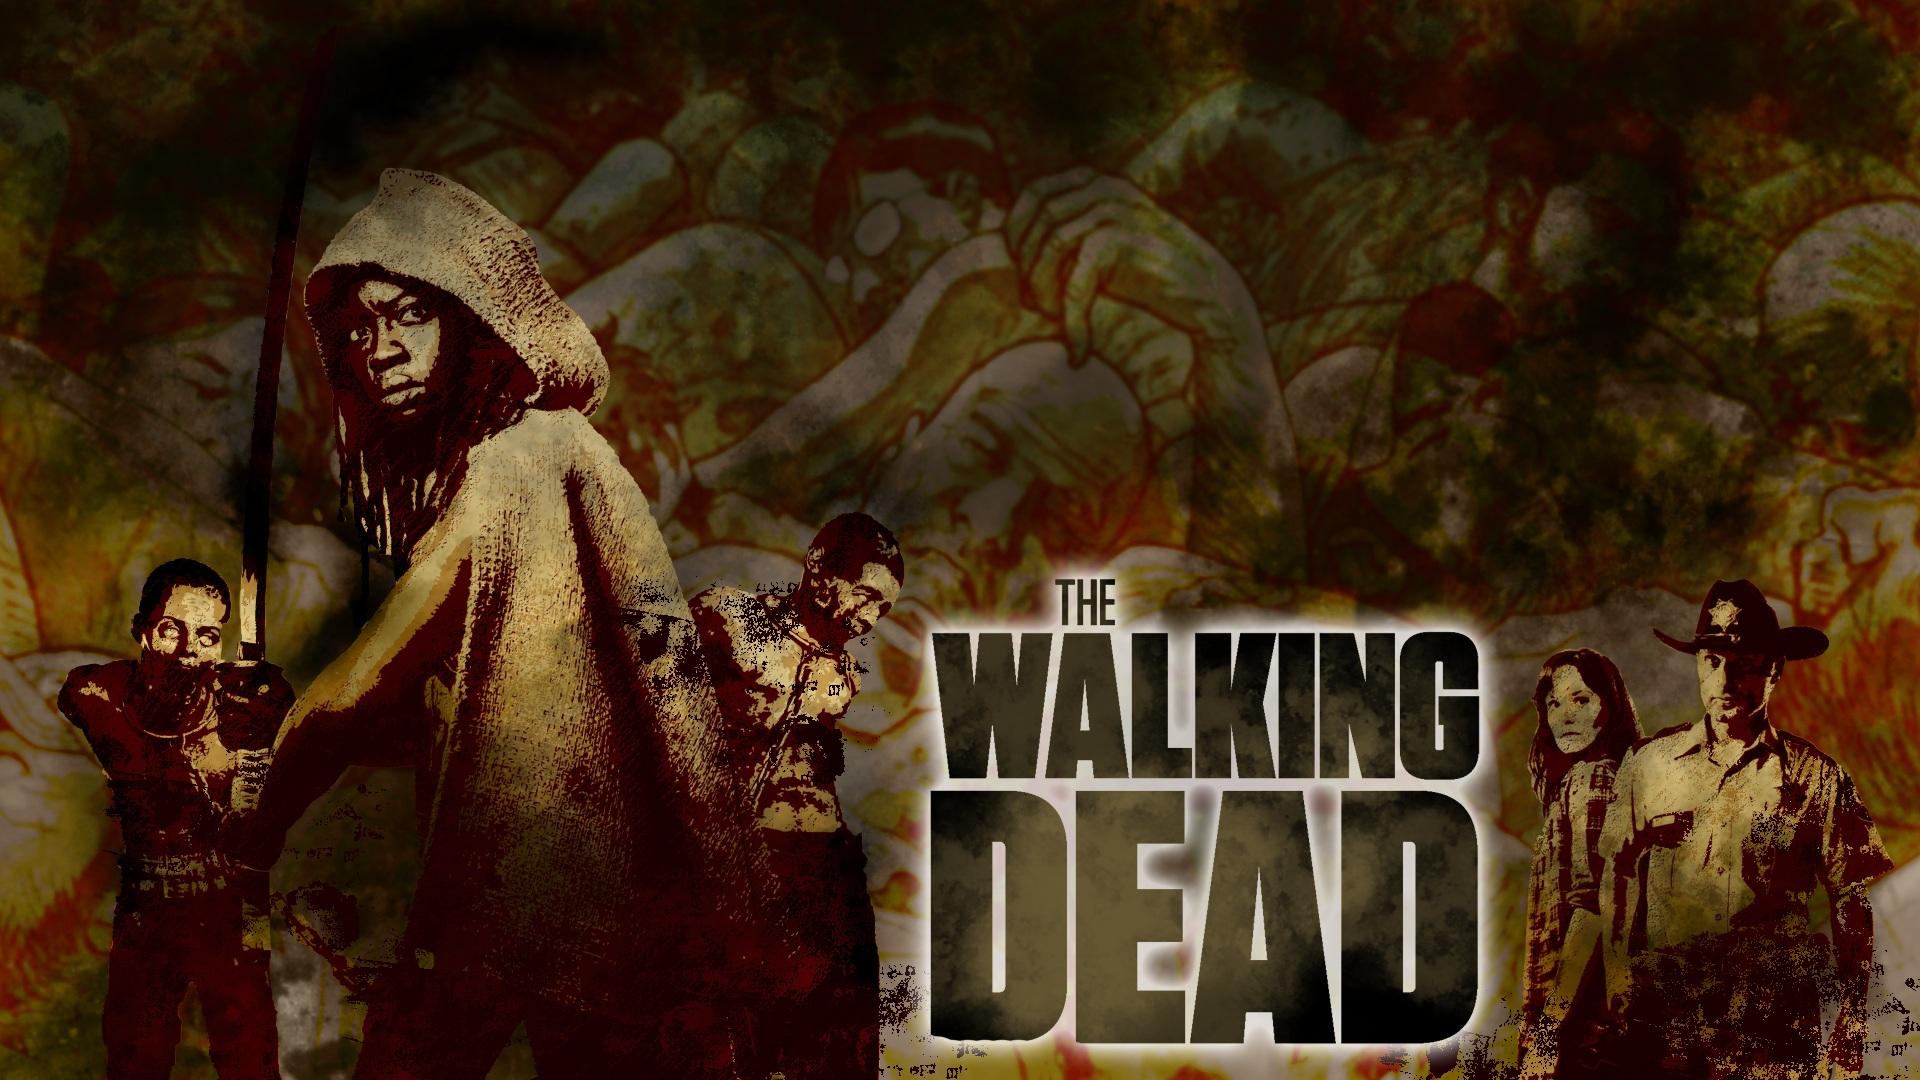 The Walking Dead wallpaper 16